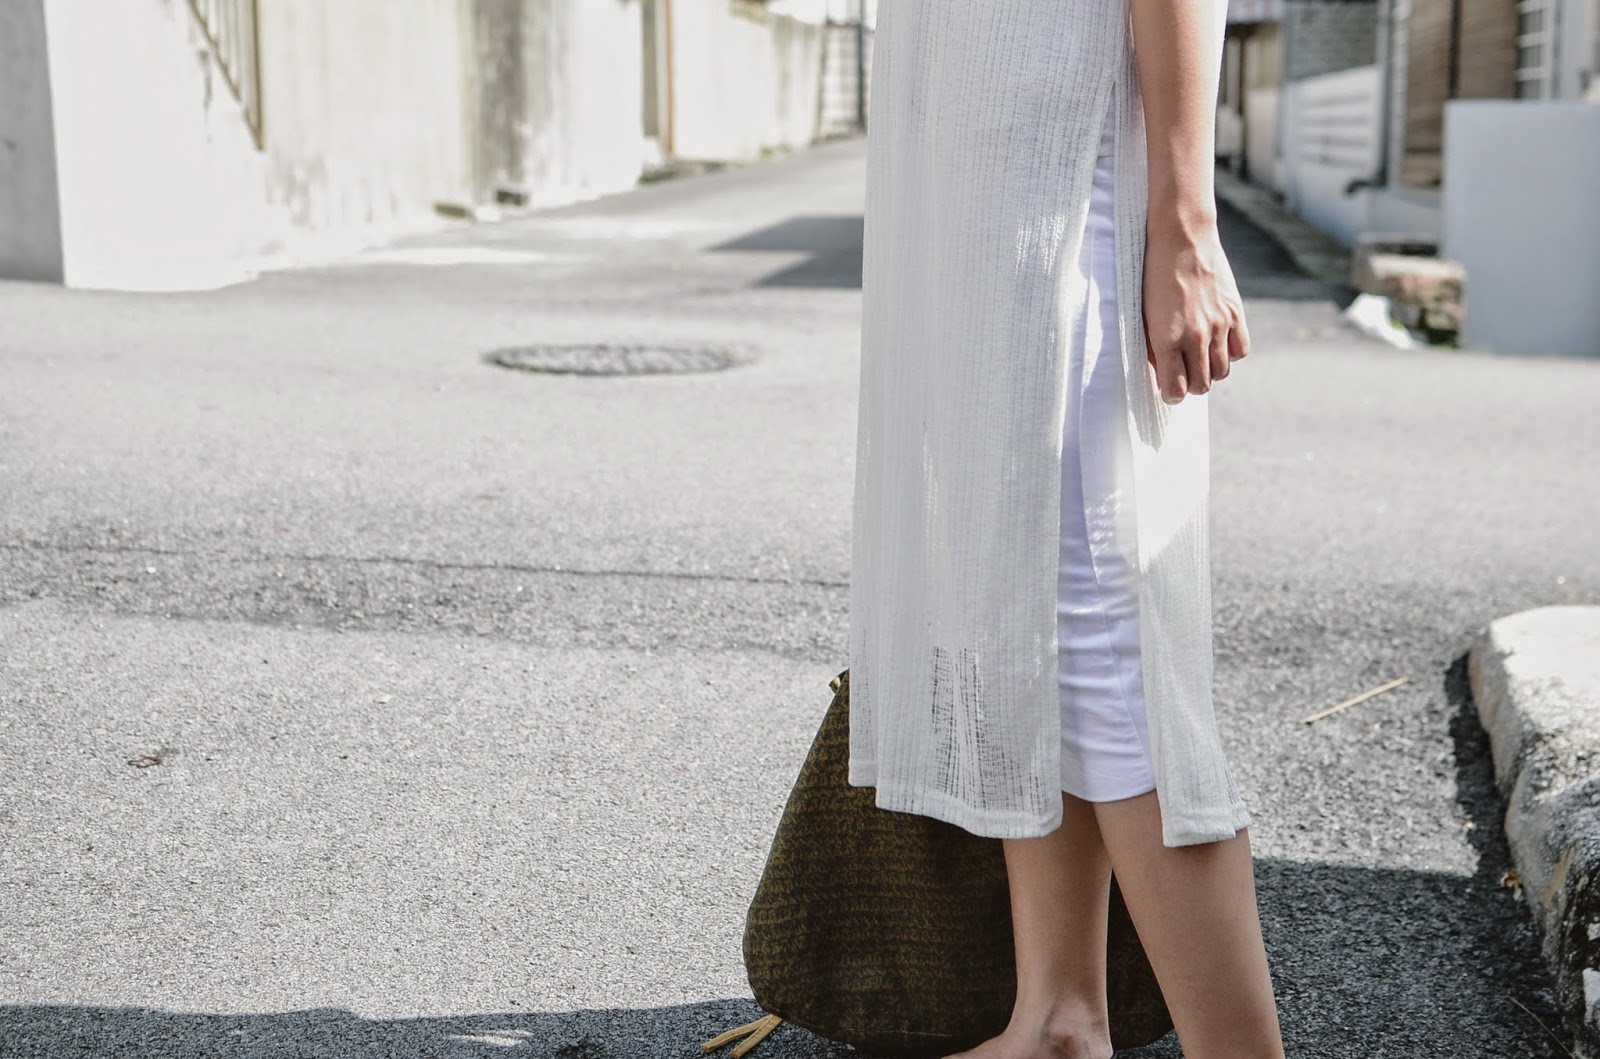 Fashion Clicks Just Click Your Way To Monday Shopping De Michel Sandal Flat Wanita Princess Putih Sheer Ribbed Midi Dress With Side Slits